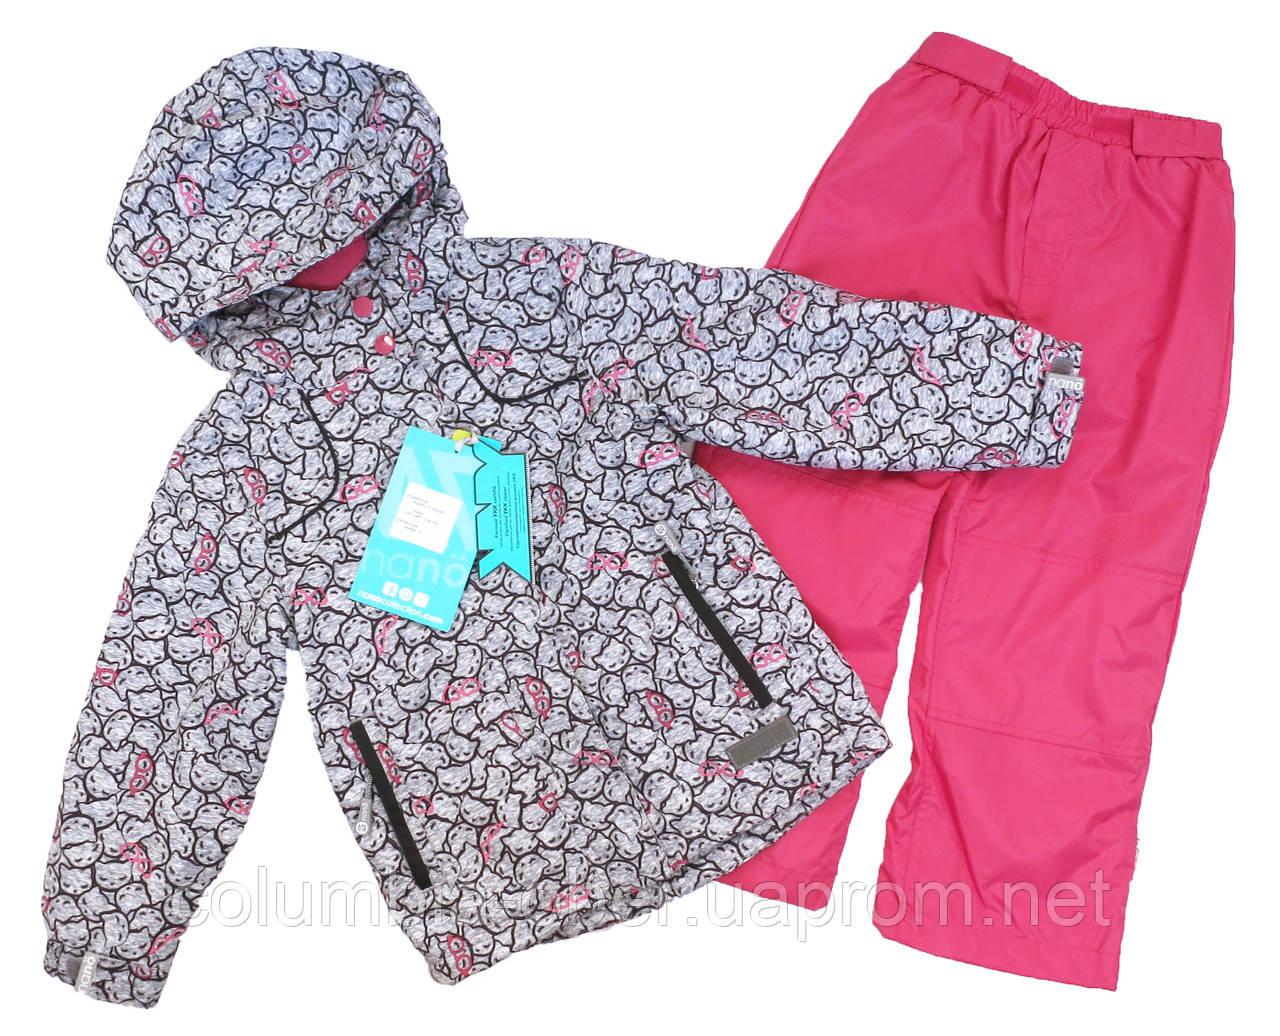 Демисезонный костюм для девочек Nano 266 M S18 Gray Mix. Размер 74-132.